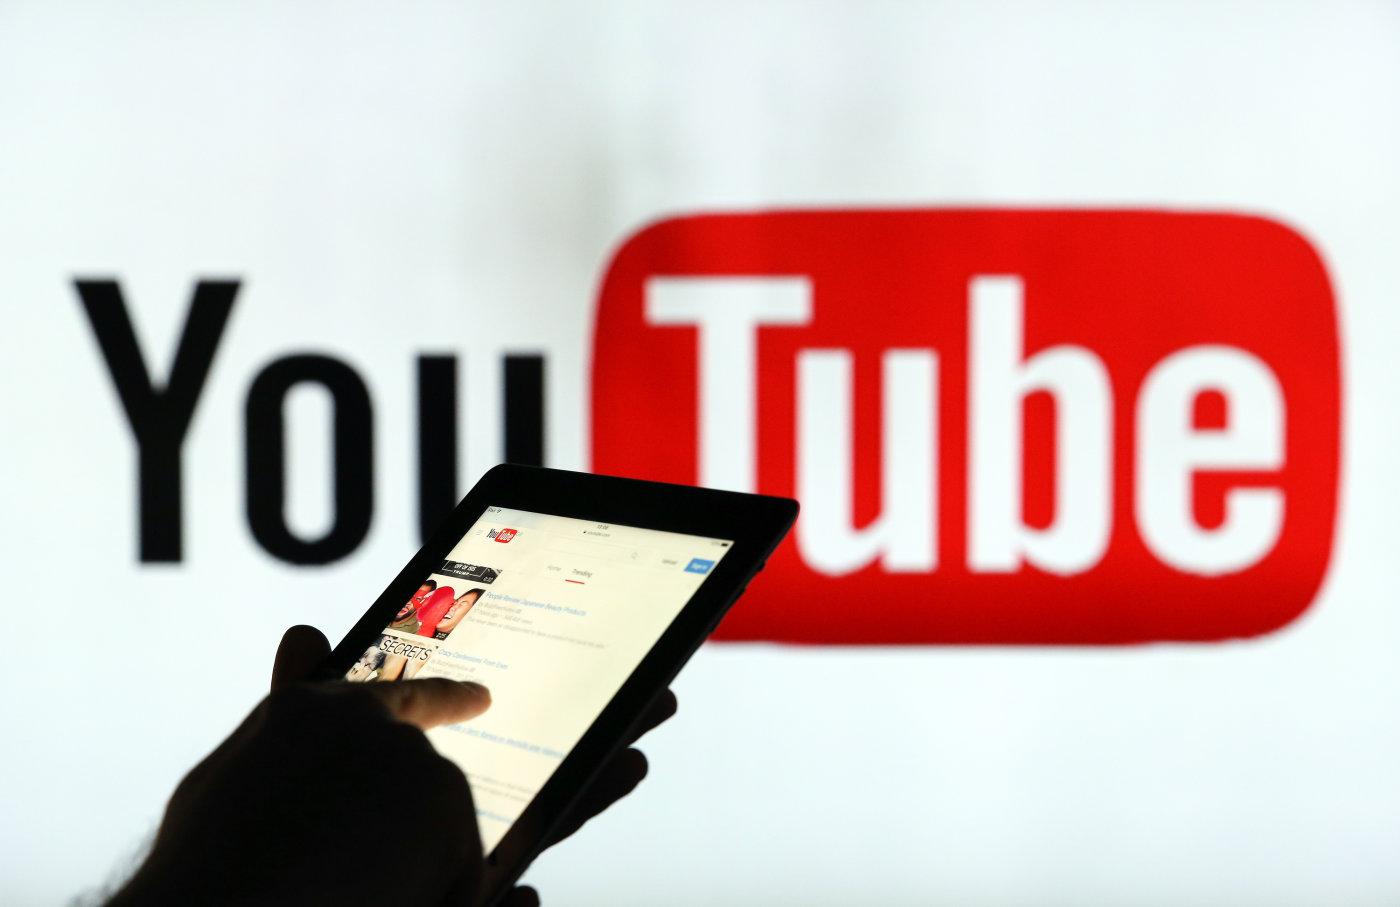 صورة بالفيديو .. يوتيوب تطرح ميزة البث المباشر للفيديو